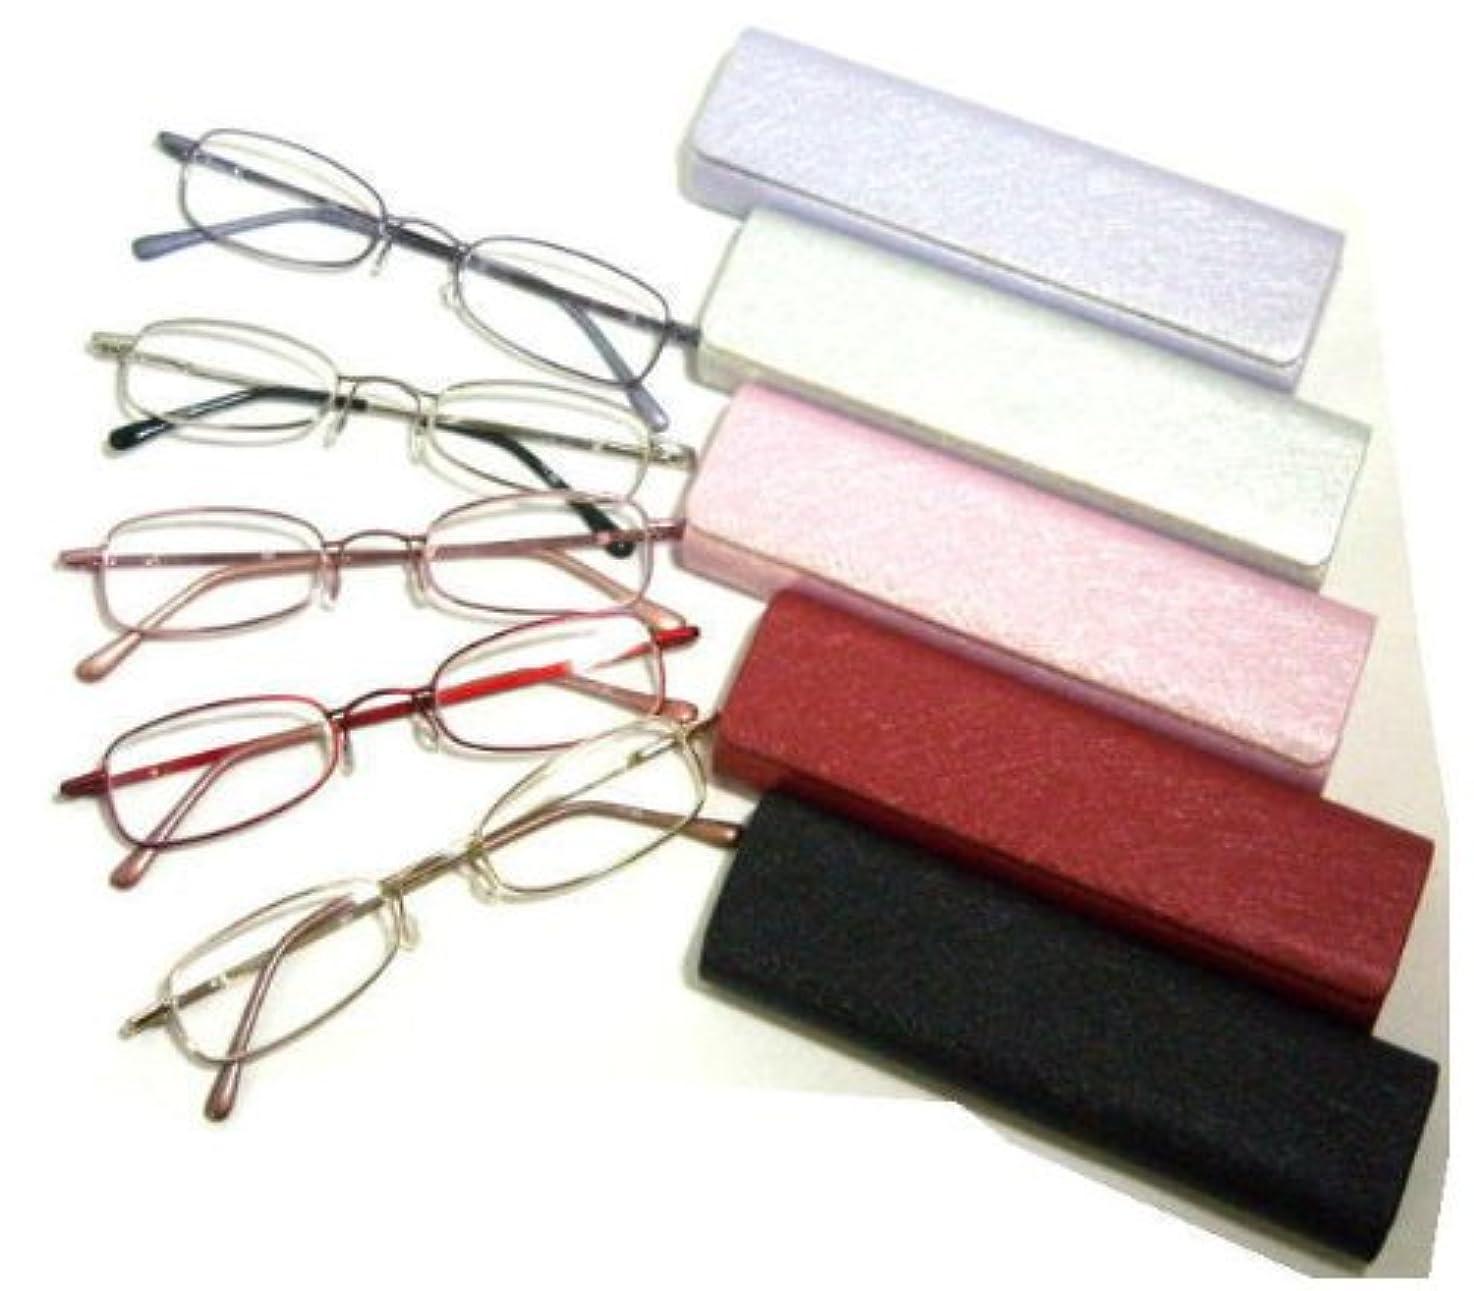 美容師普及測るお洒落なシニアグラス携帯老眼鏡(312) (+2.50, バイオレット/パープル)